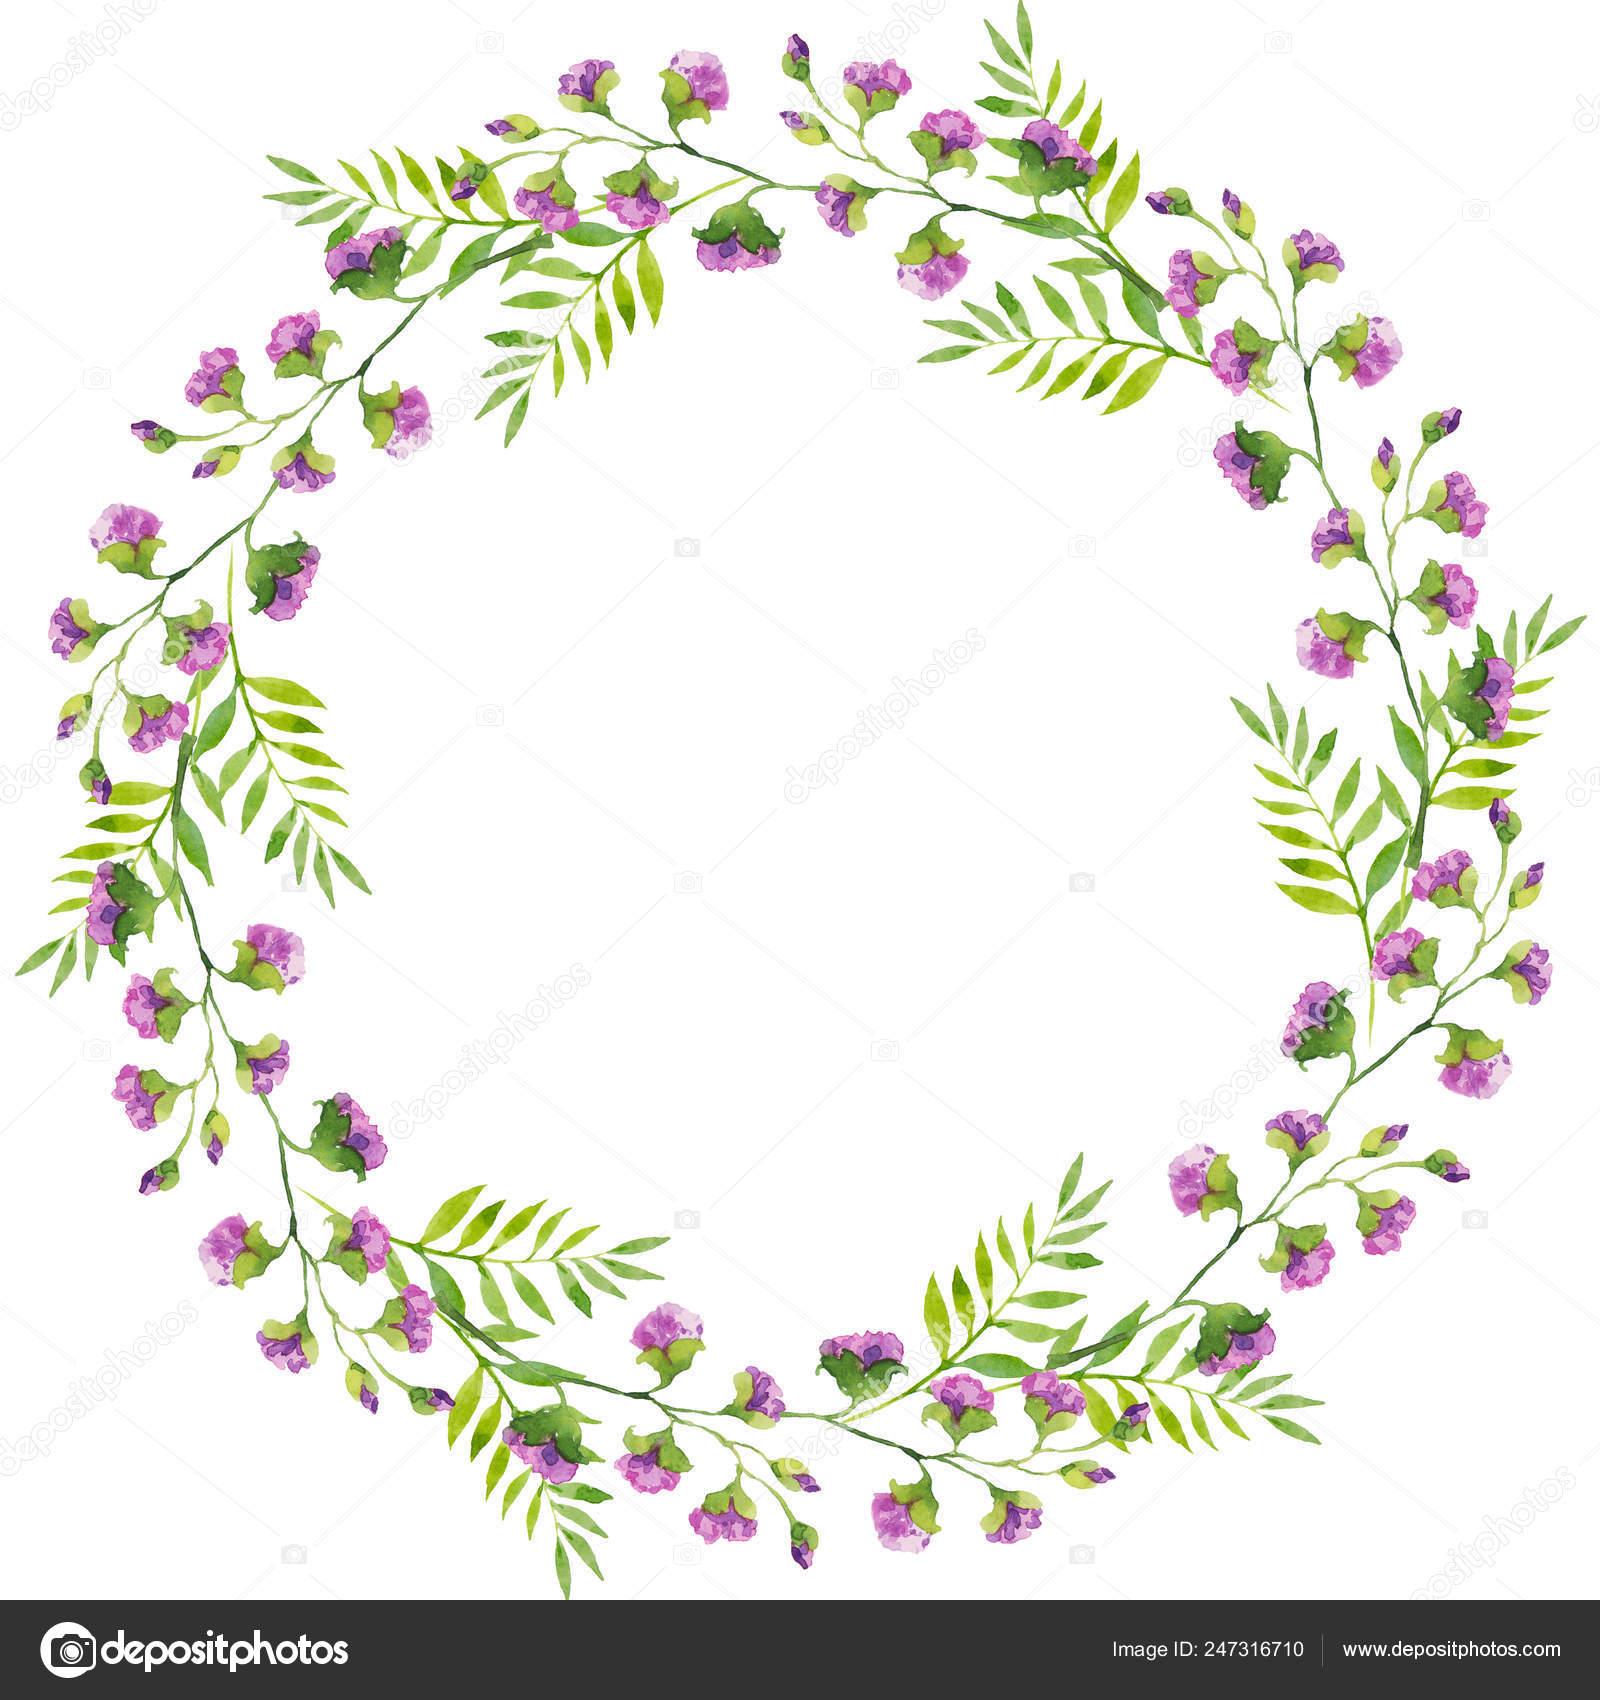 Hojas Brillante Delicada Guirnalda Ramas Flores Violetas